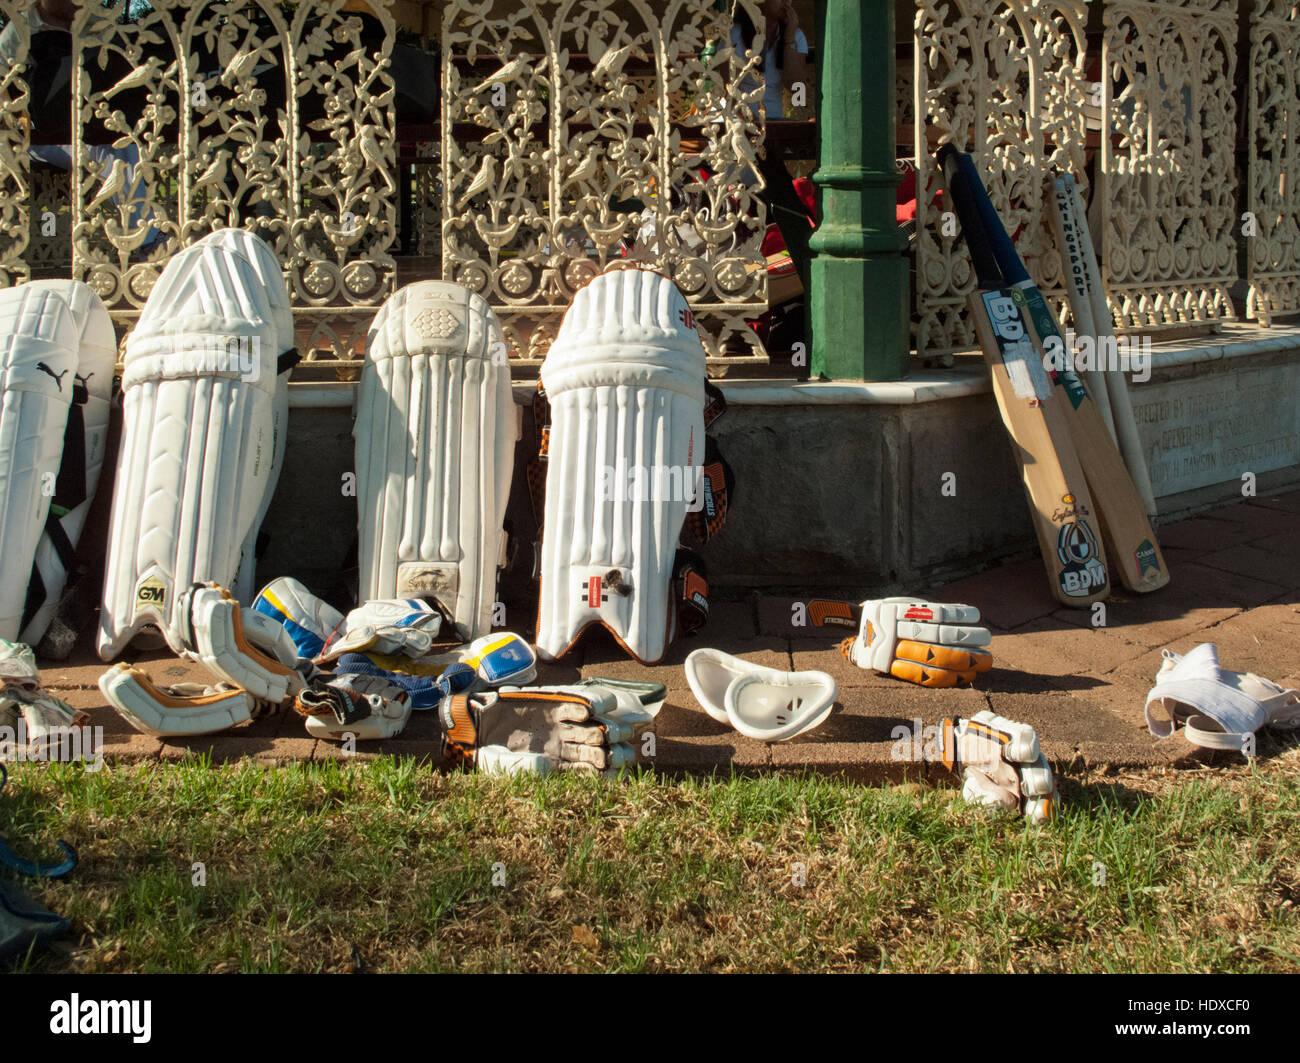 Gants de Cricket bat et plaquettes appuyé contre une clôture en fer décorative lumière après Photo Stock